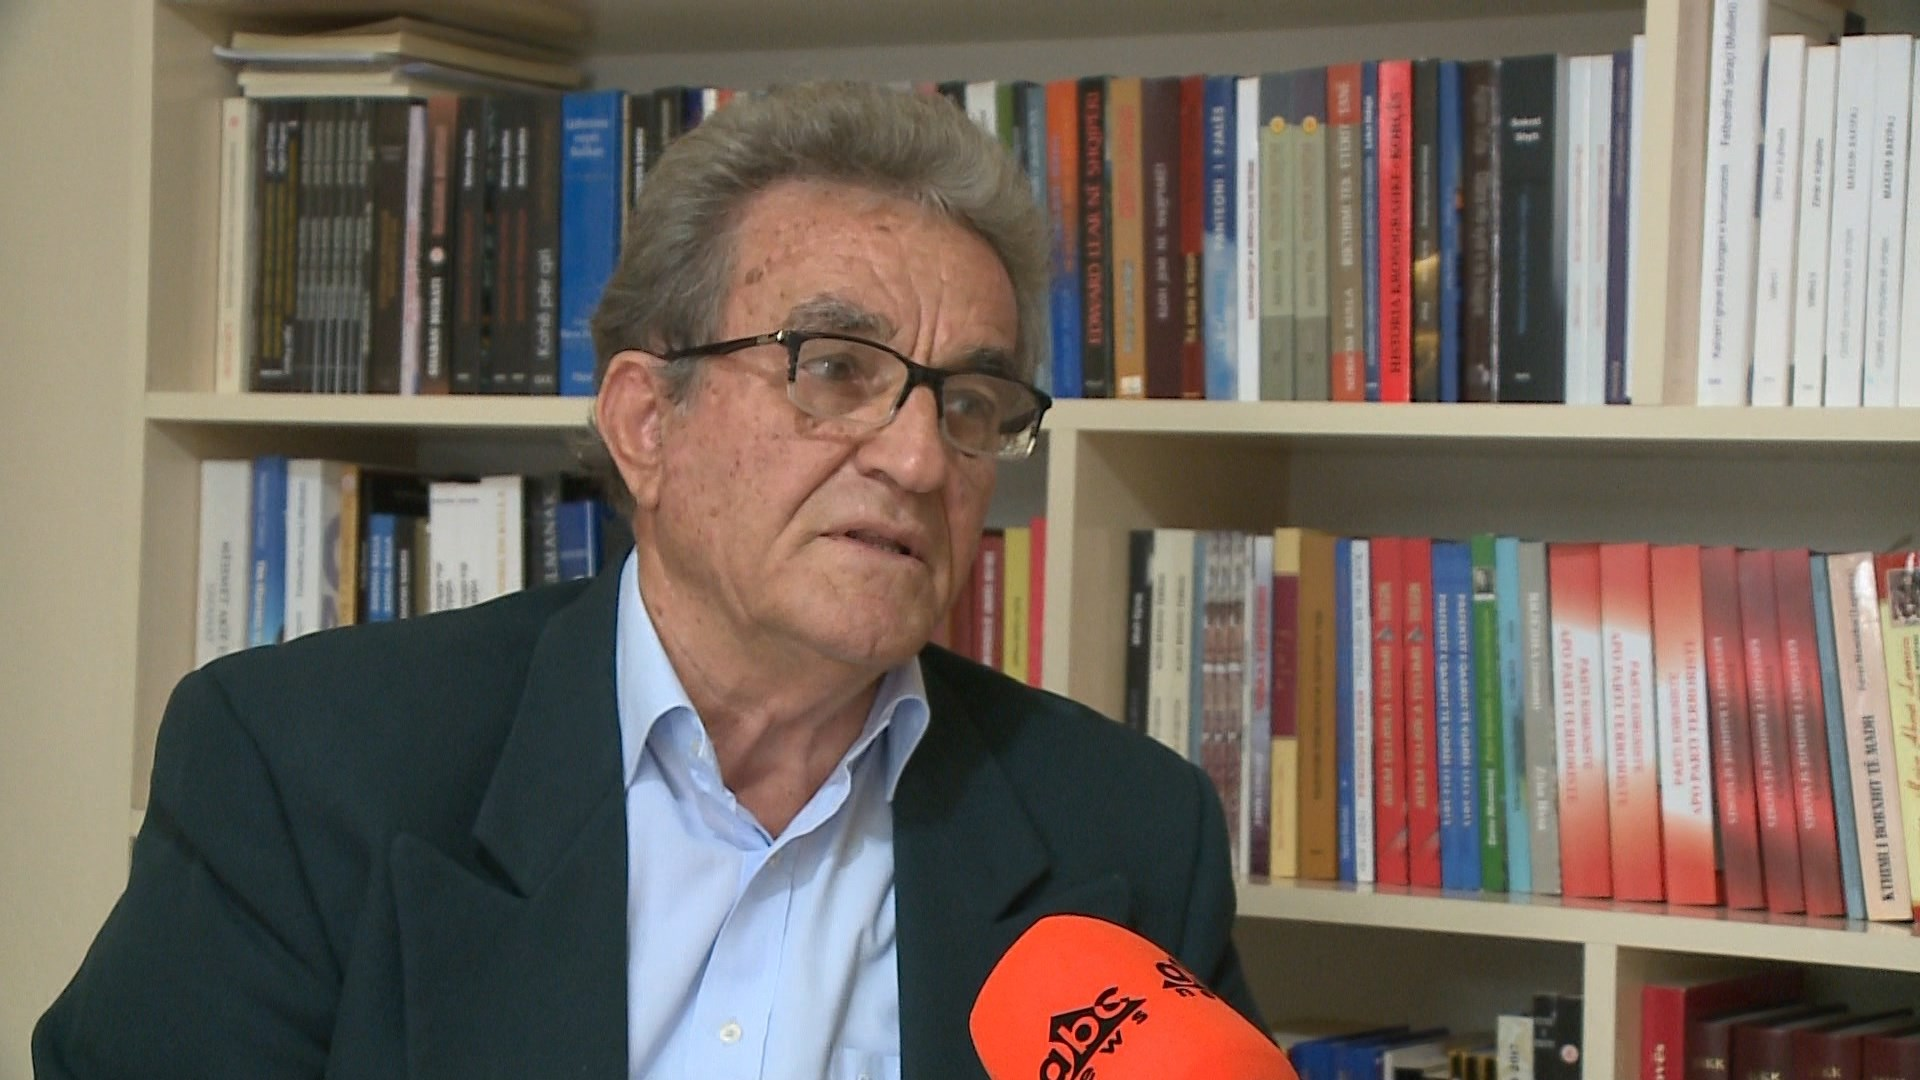 Uran Butka: I lumtur që po përmbushet amaneti i Mid'hat Frashërit